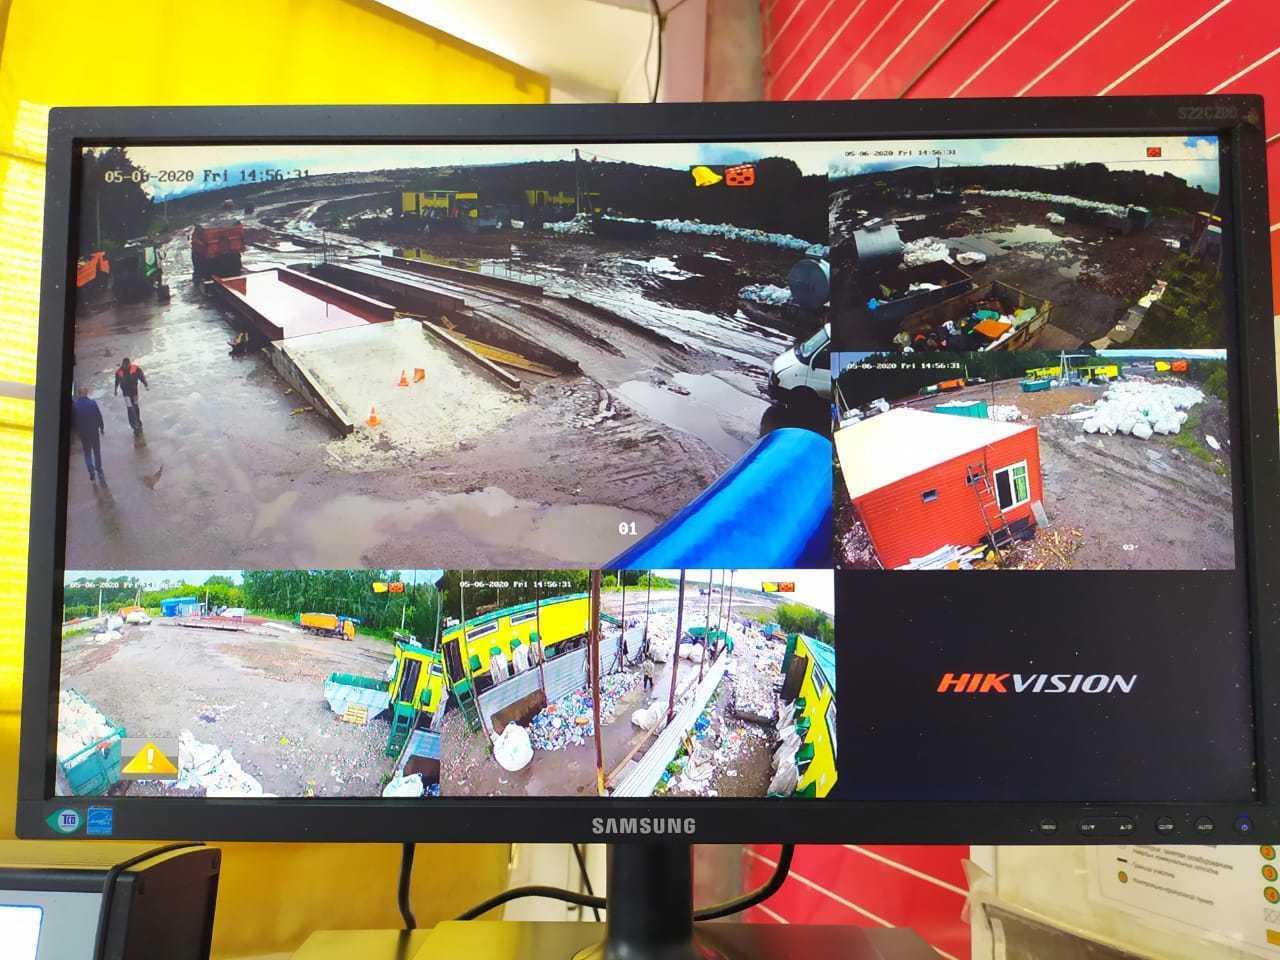 установка видеонаблюдения на свалке